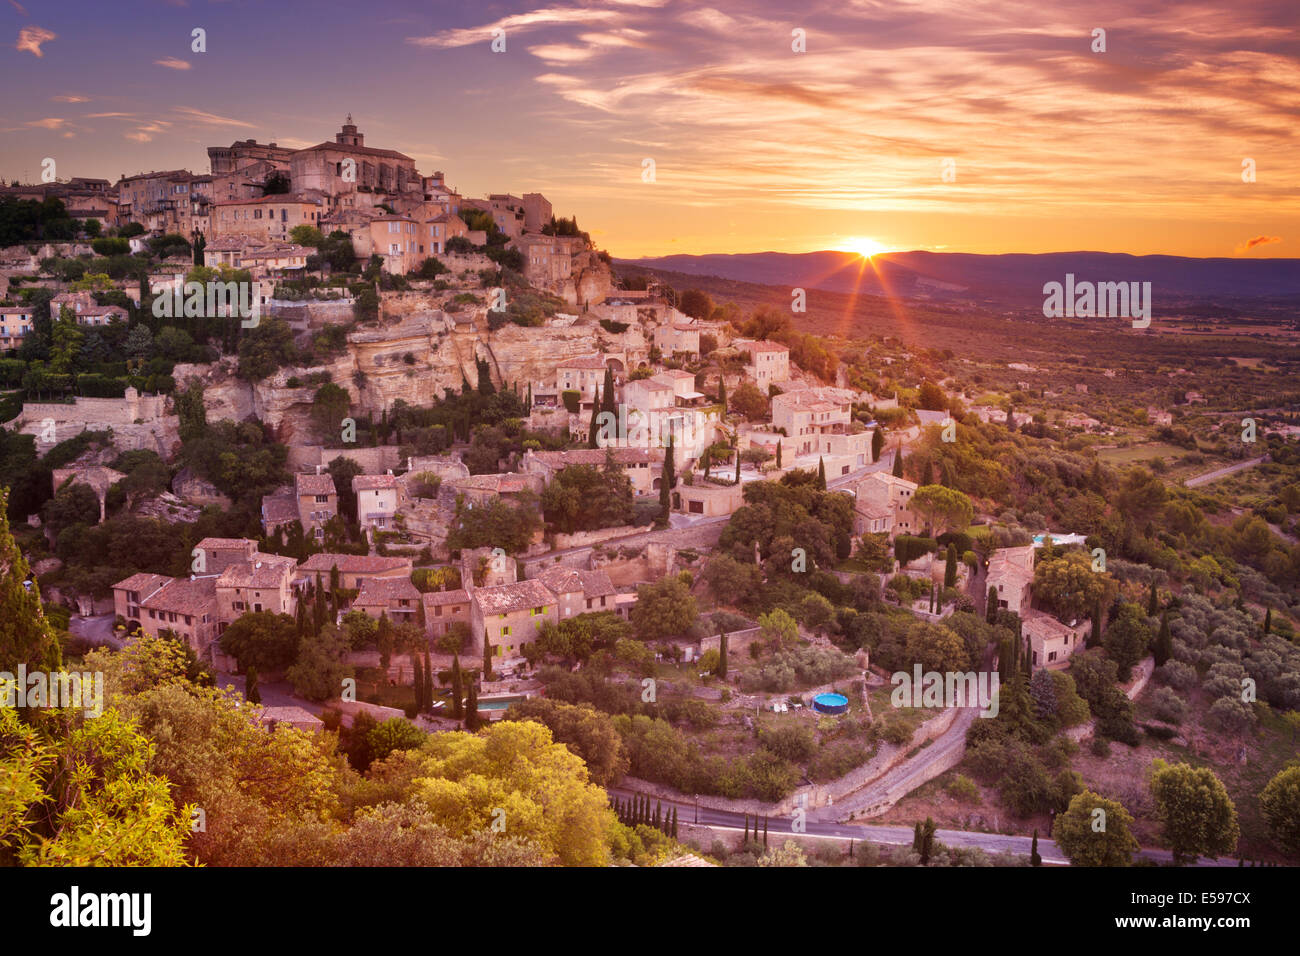 Das historische Dorf Gordes in der Provence, Frankreich bei Sonnenaufgang Stockbild